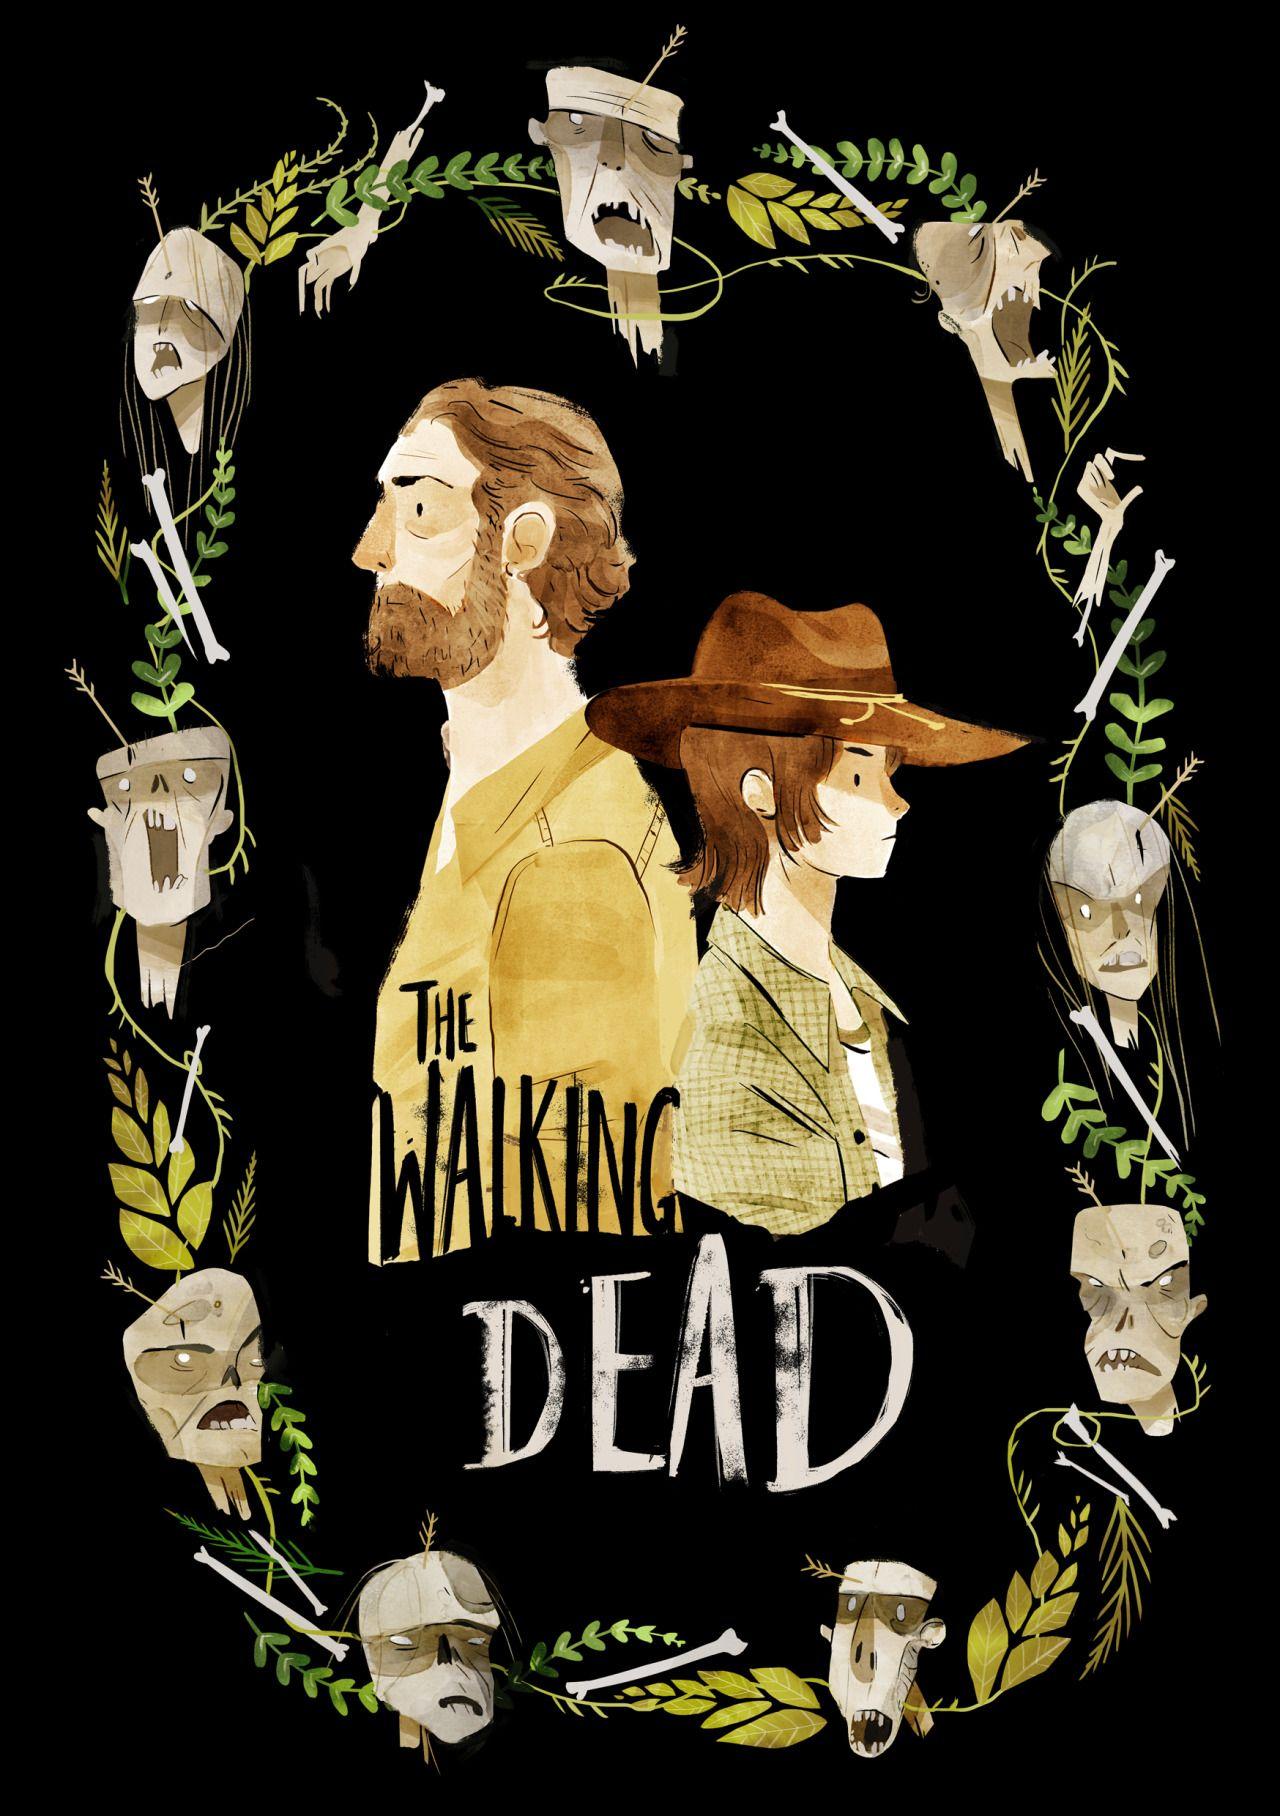 The Walking Dead Fan Art Walking Dead Art Walking Dead Fan Art